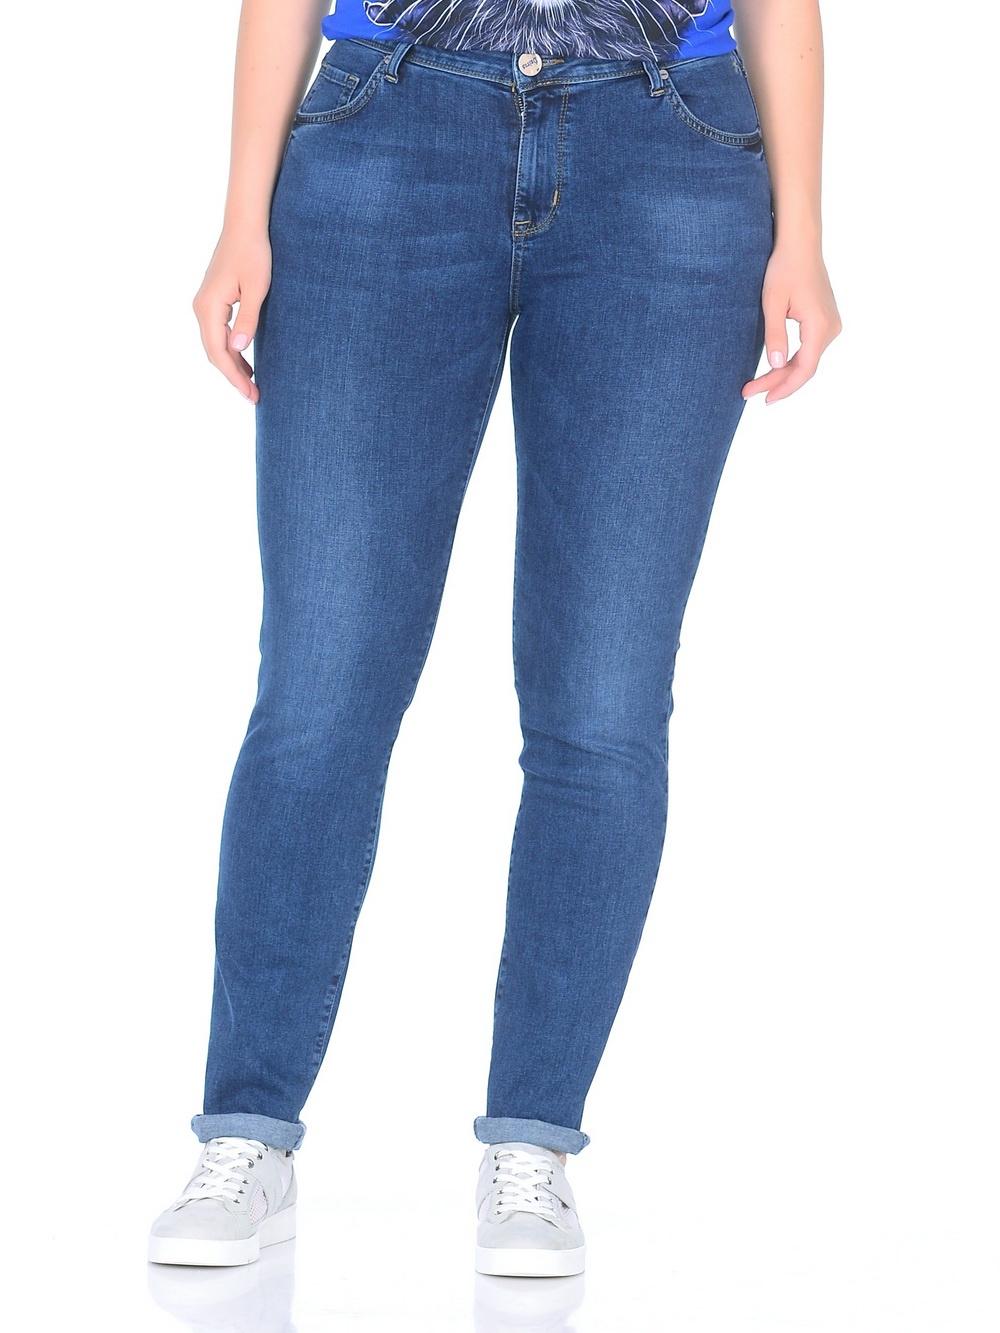 Джинсы DAIROS джинсы dairos хаки 48 50 размер